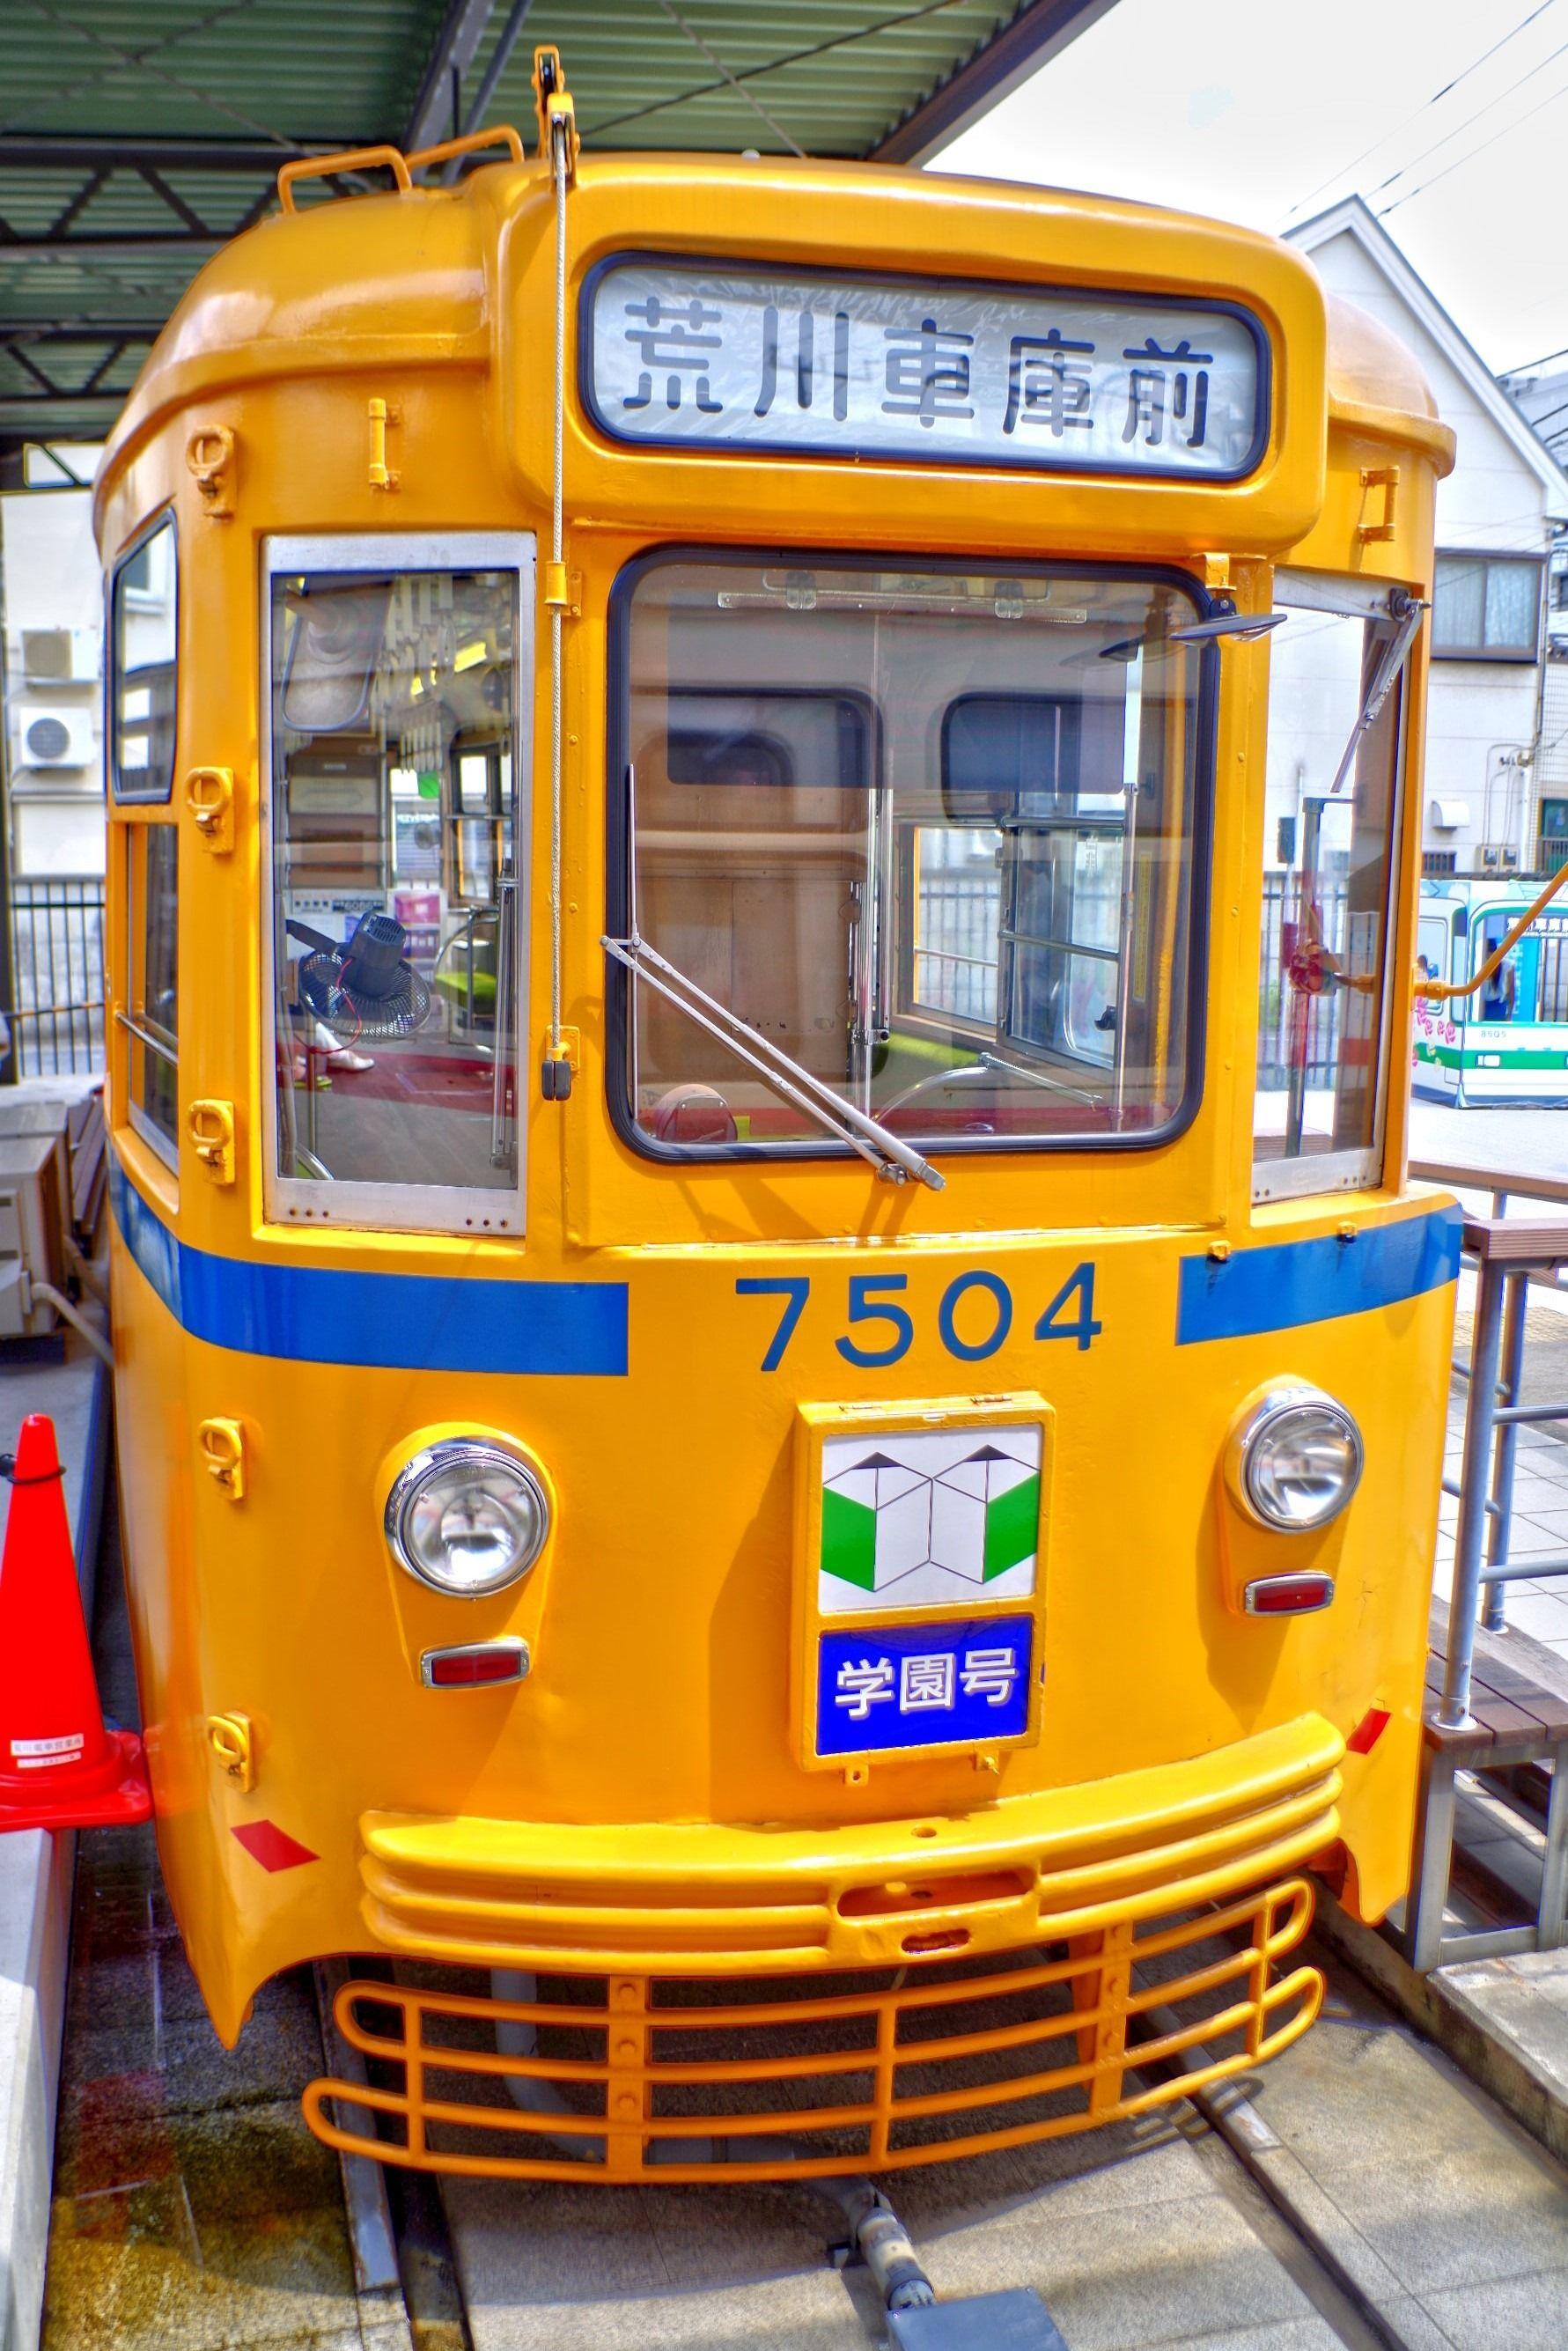 迎賓館赤坂離宮と高架下色々 都電 市電 鉄道車両